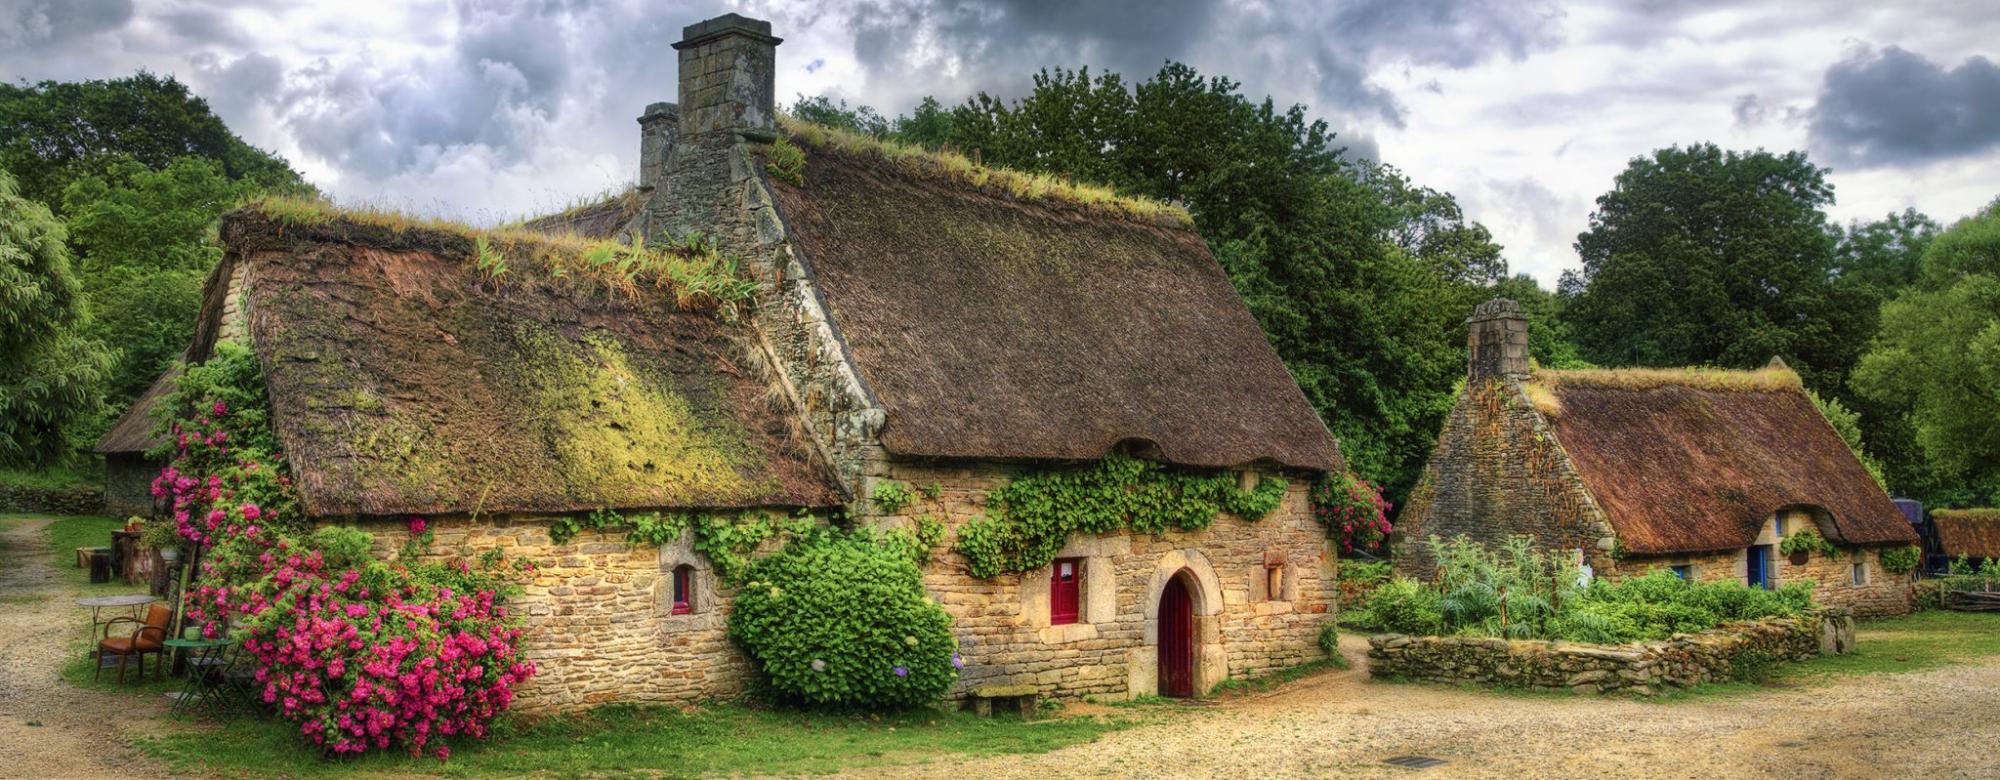 Village du Poul Fetan, Quistinic